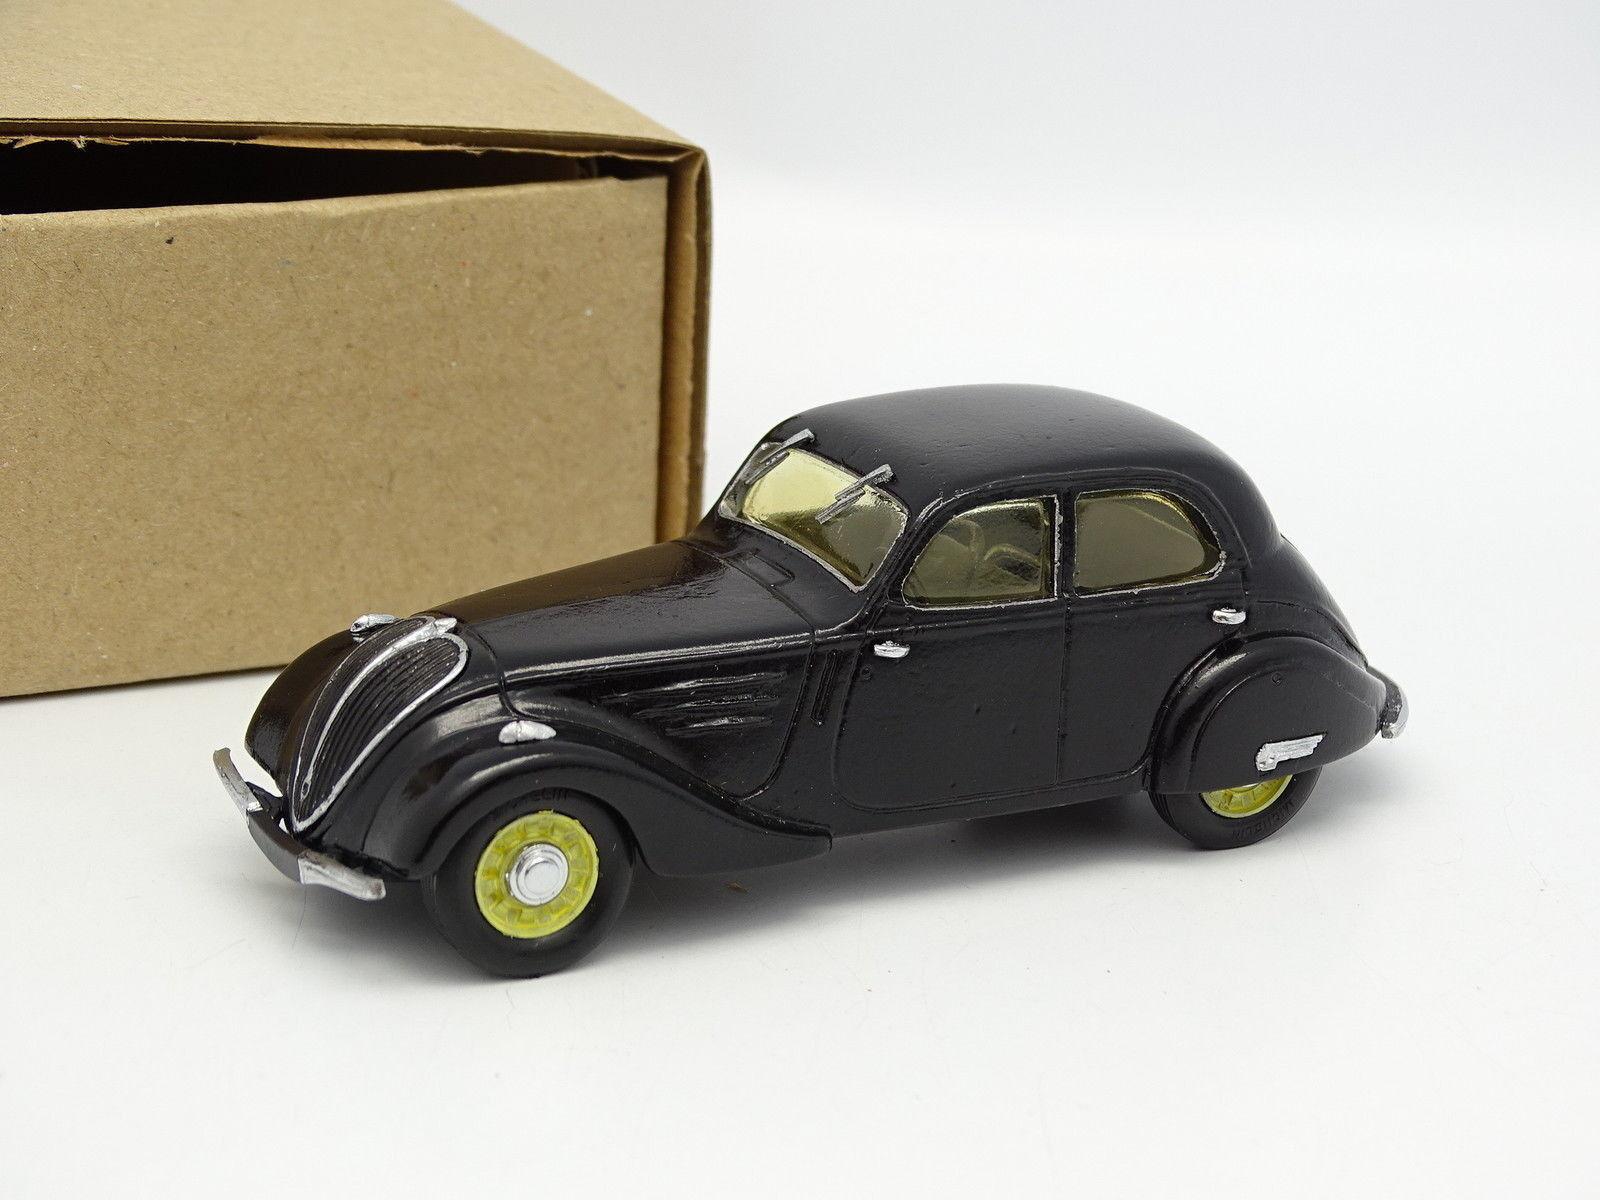 IDEM Kit Monté 1 43 - Peugeot 402 B Légère blacke